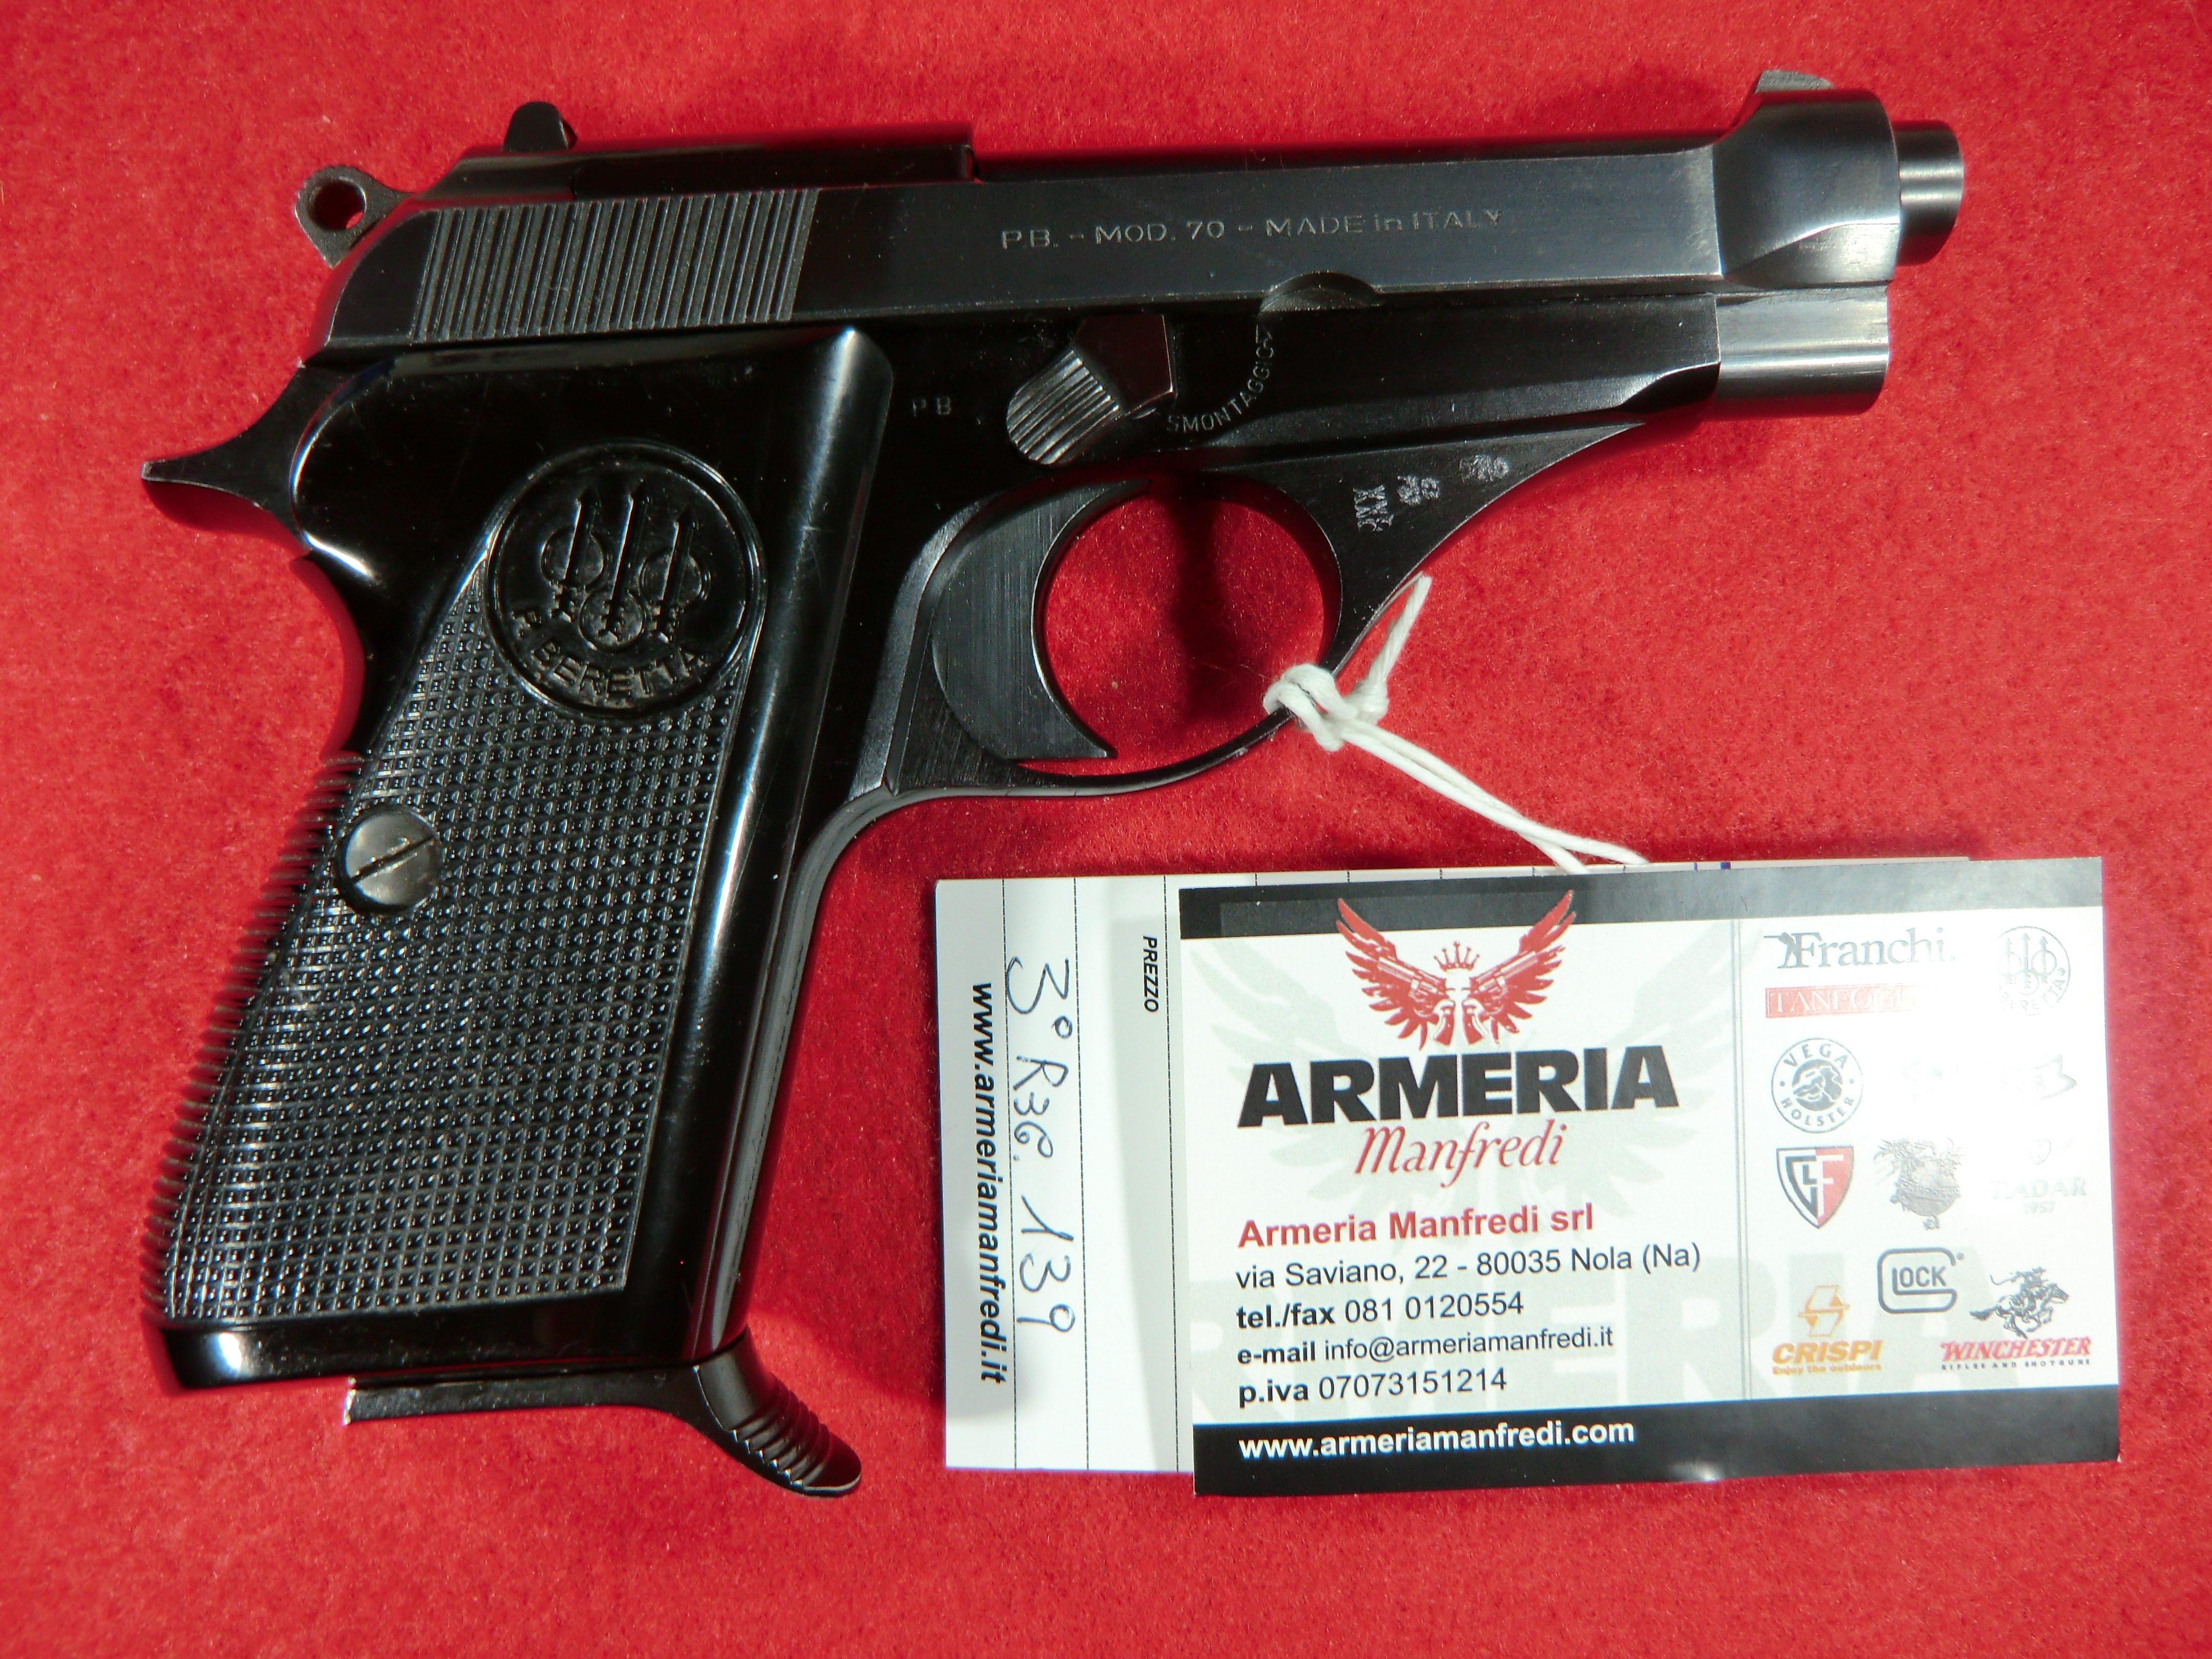 Beretta modello 70 calibro 7.65